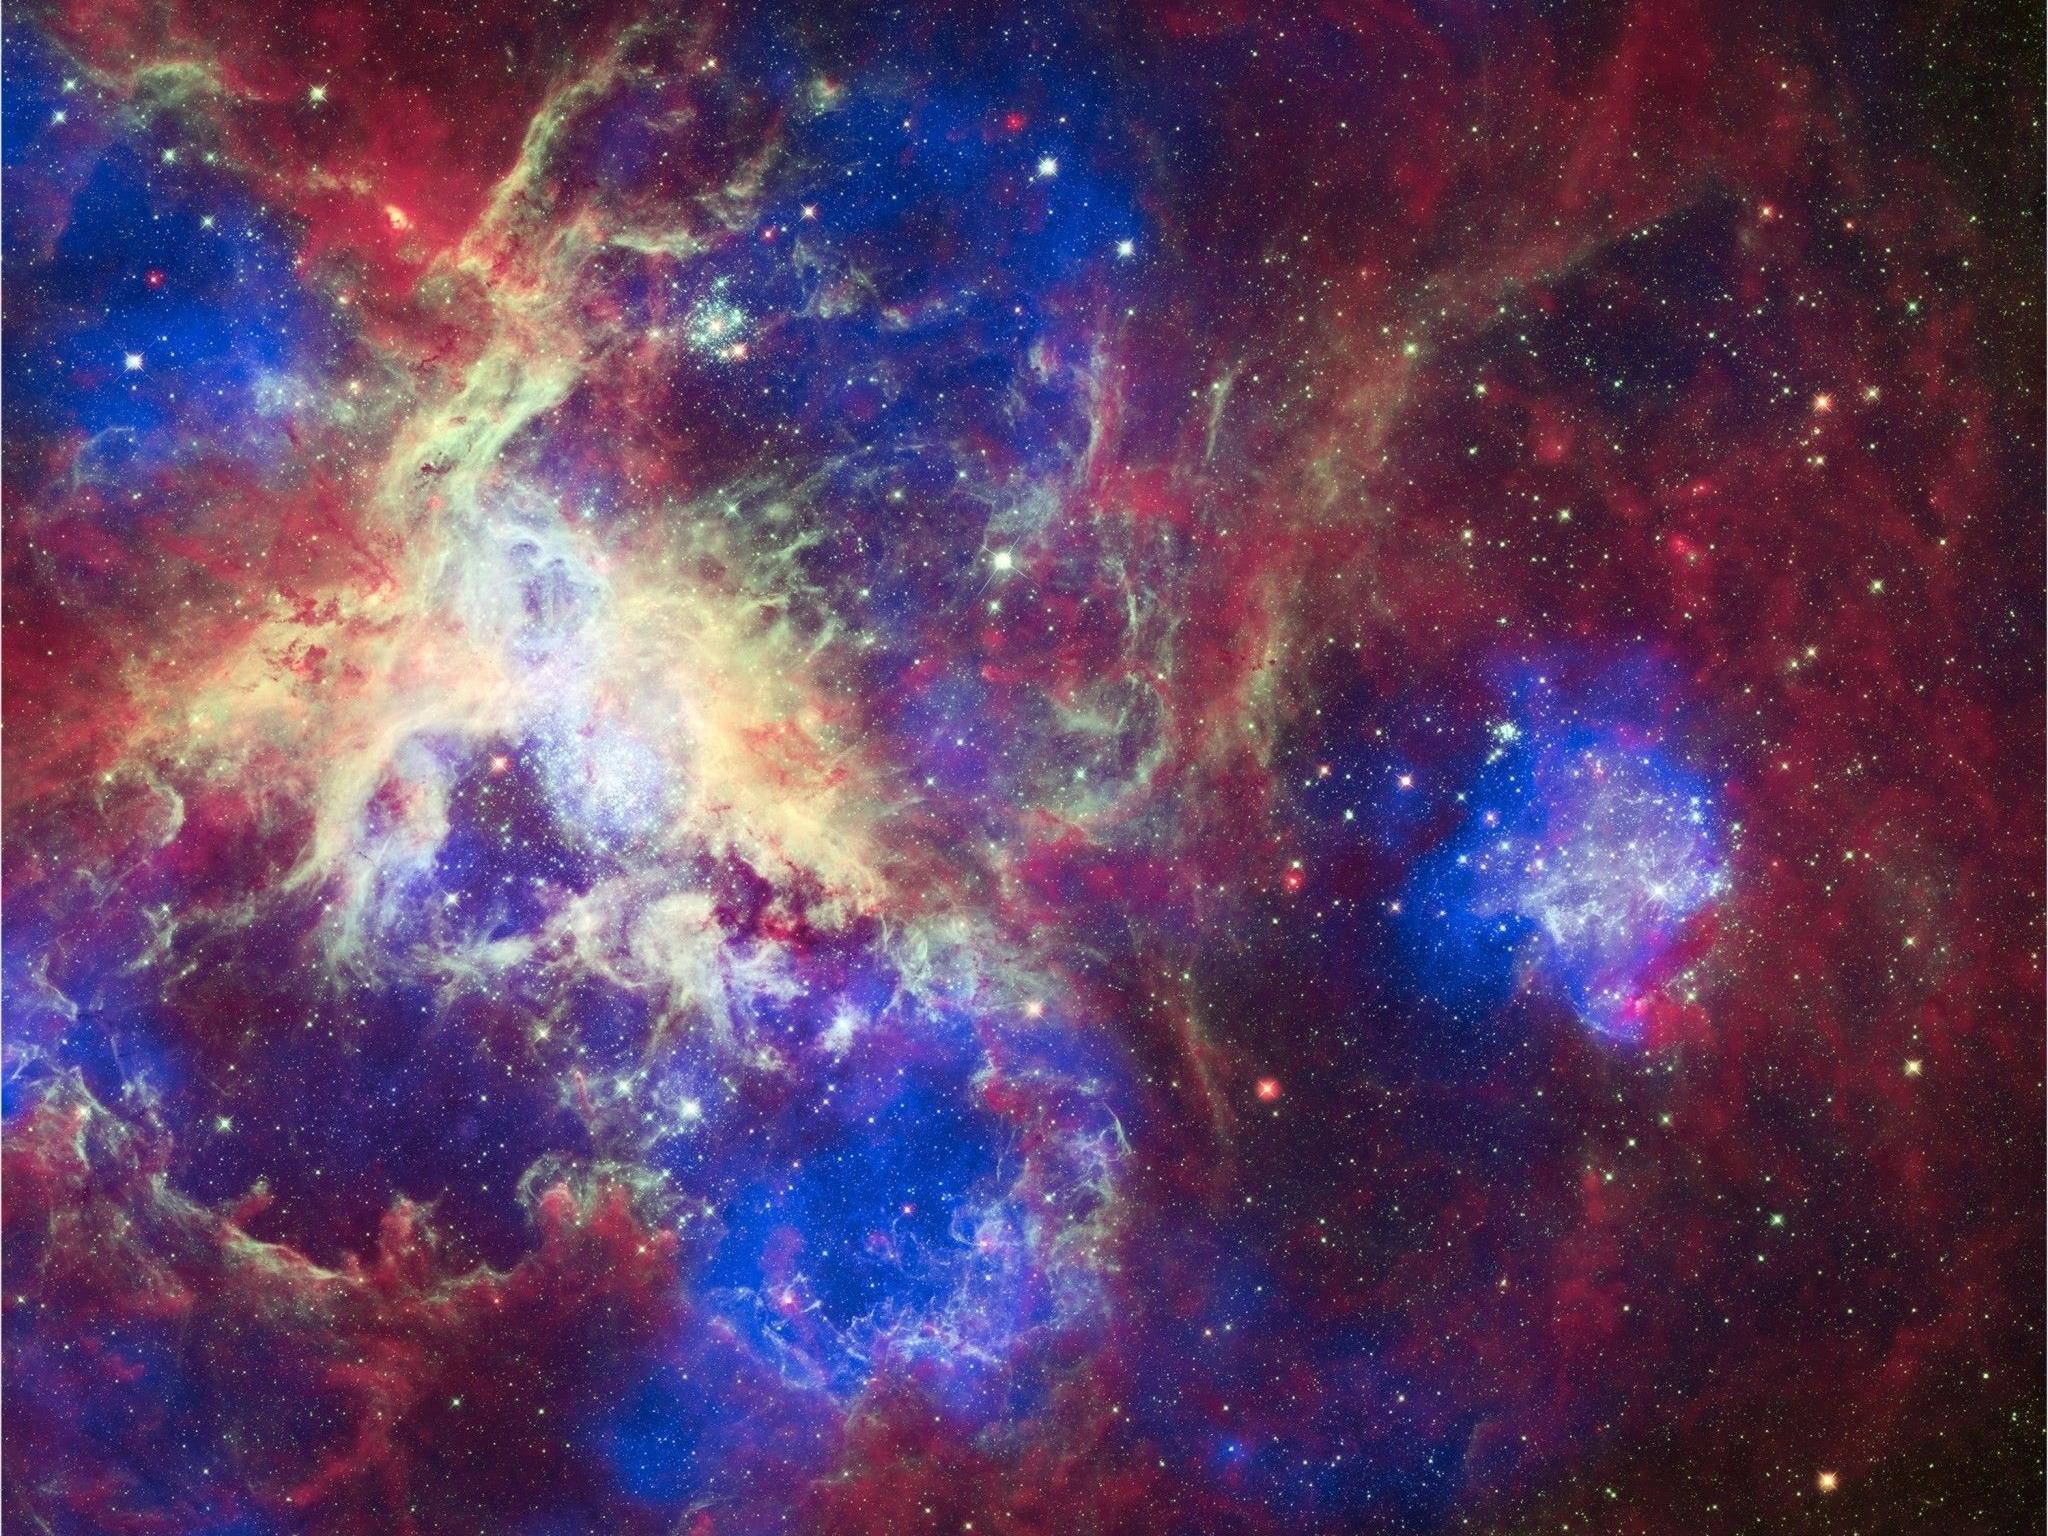 """Der sogenannte """"Tarantel-Nebel"""" in der Großen Magellanschen Wolke existiert demnach zumindest dreimal."""